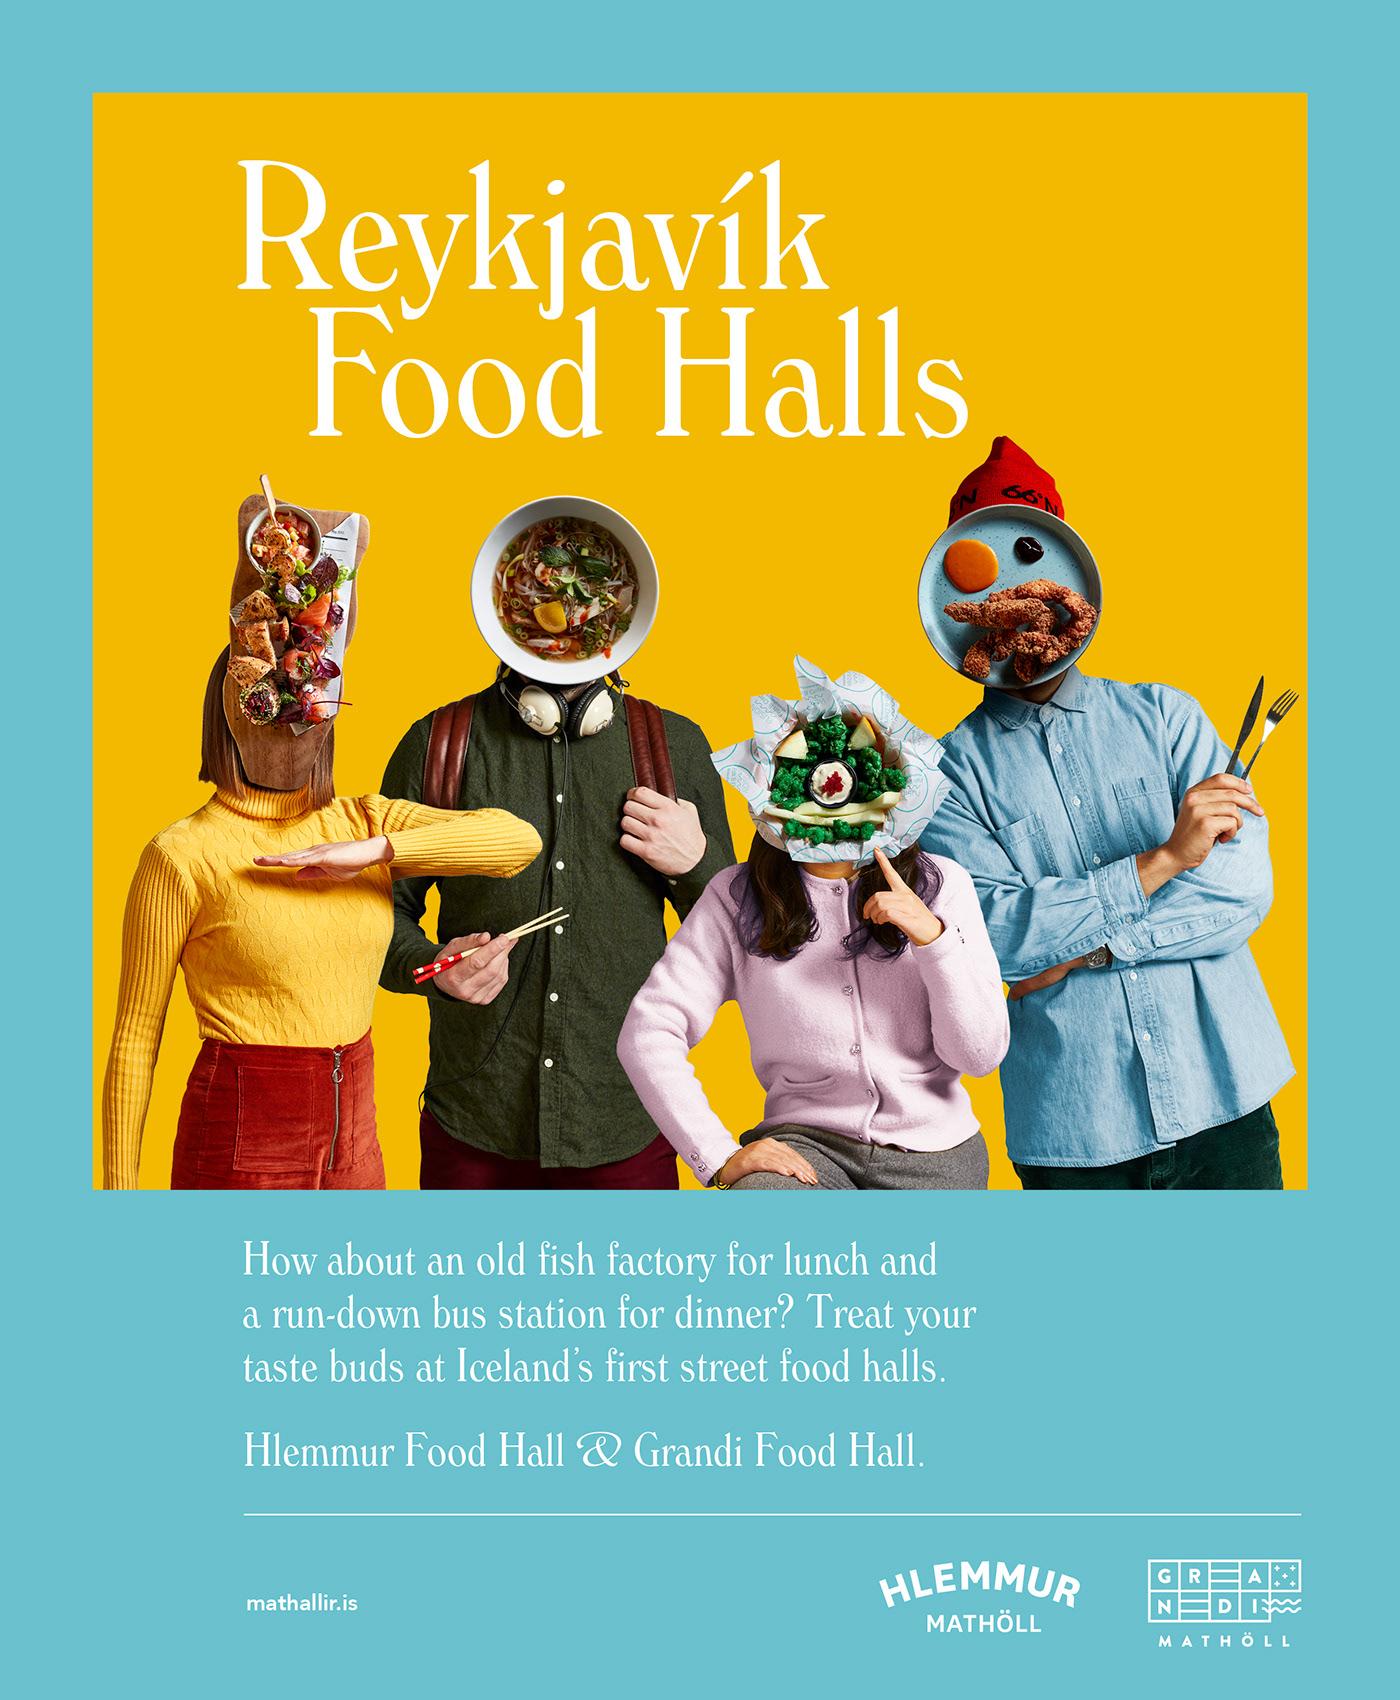 food hall grandi food hall grandi mathöll Hlemmur food hall Hlemmur mathöll mathöll Street Food